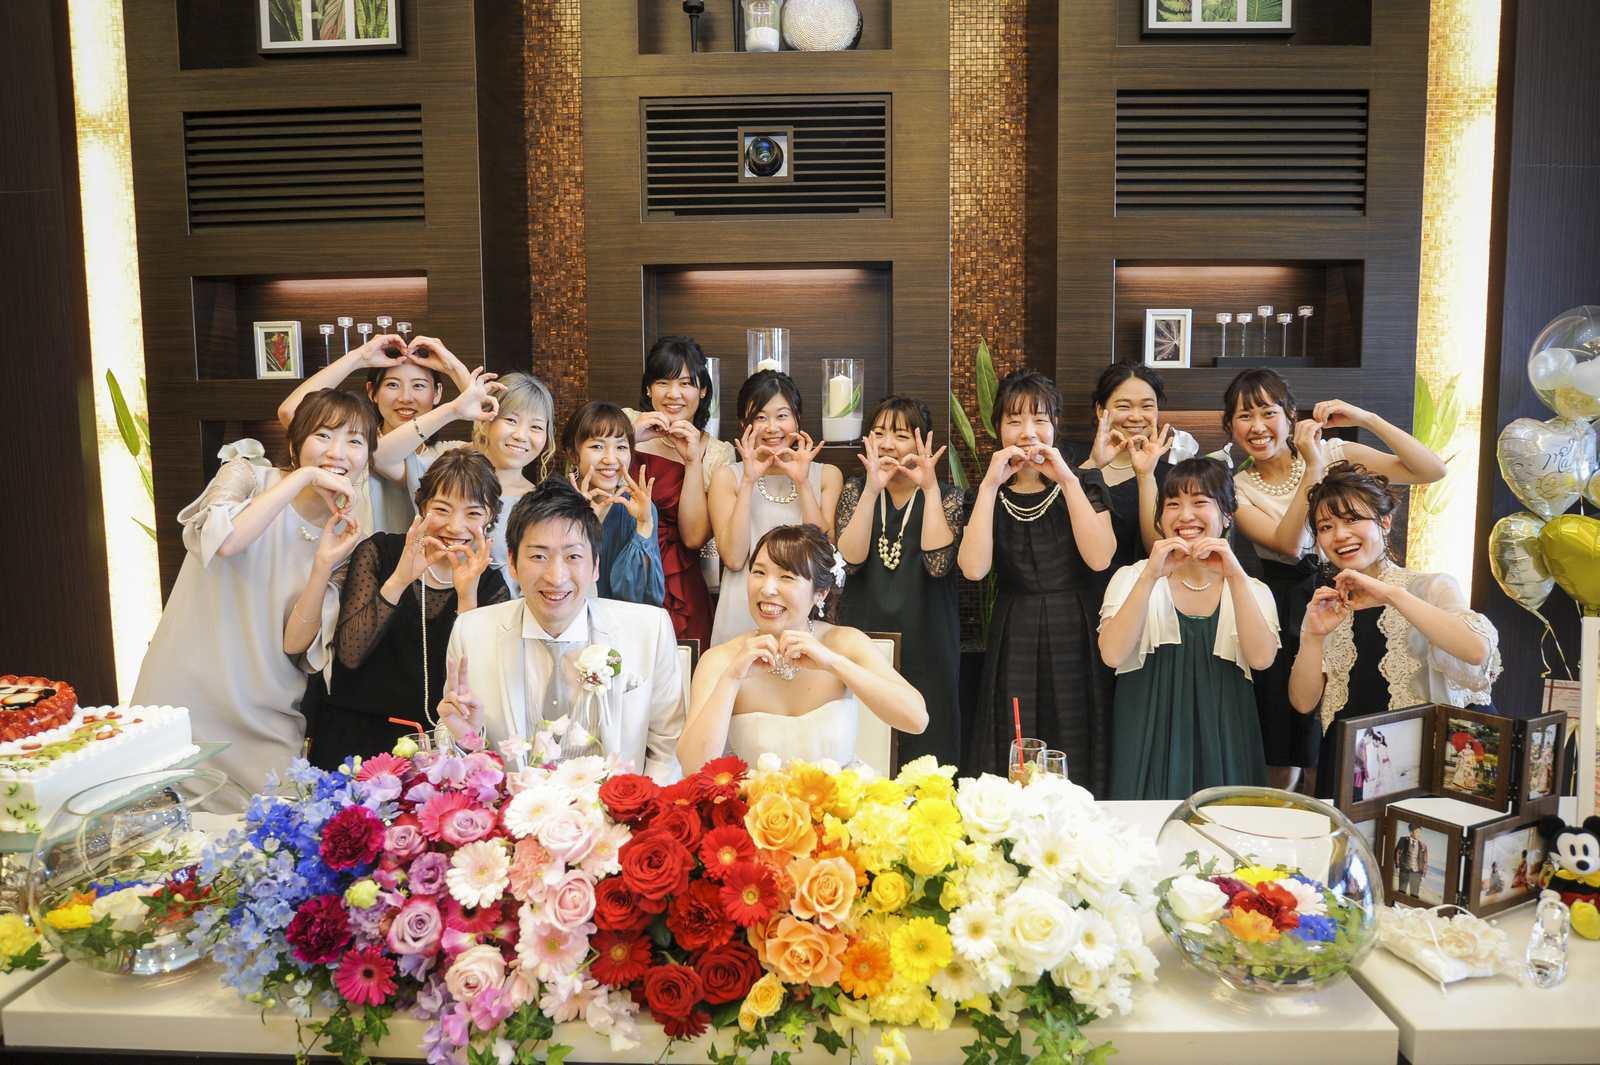 徳島市の結婚式場ブランアンジュで披露宴で新郎新婦様とゲストとの記念写真